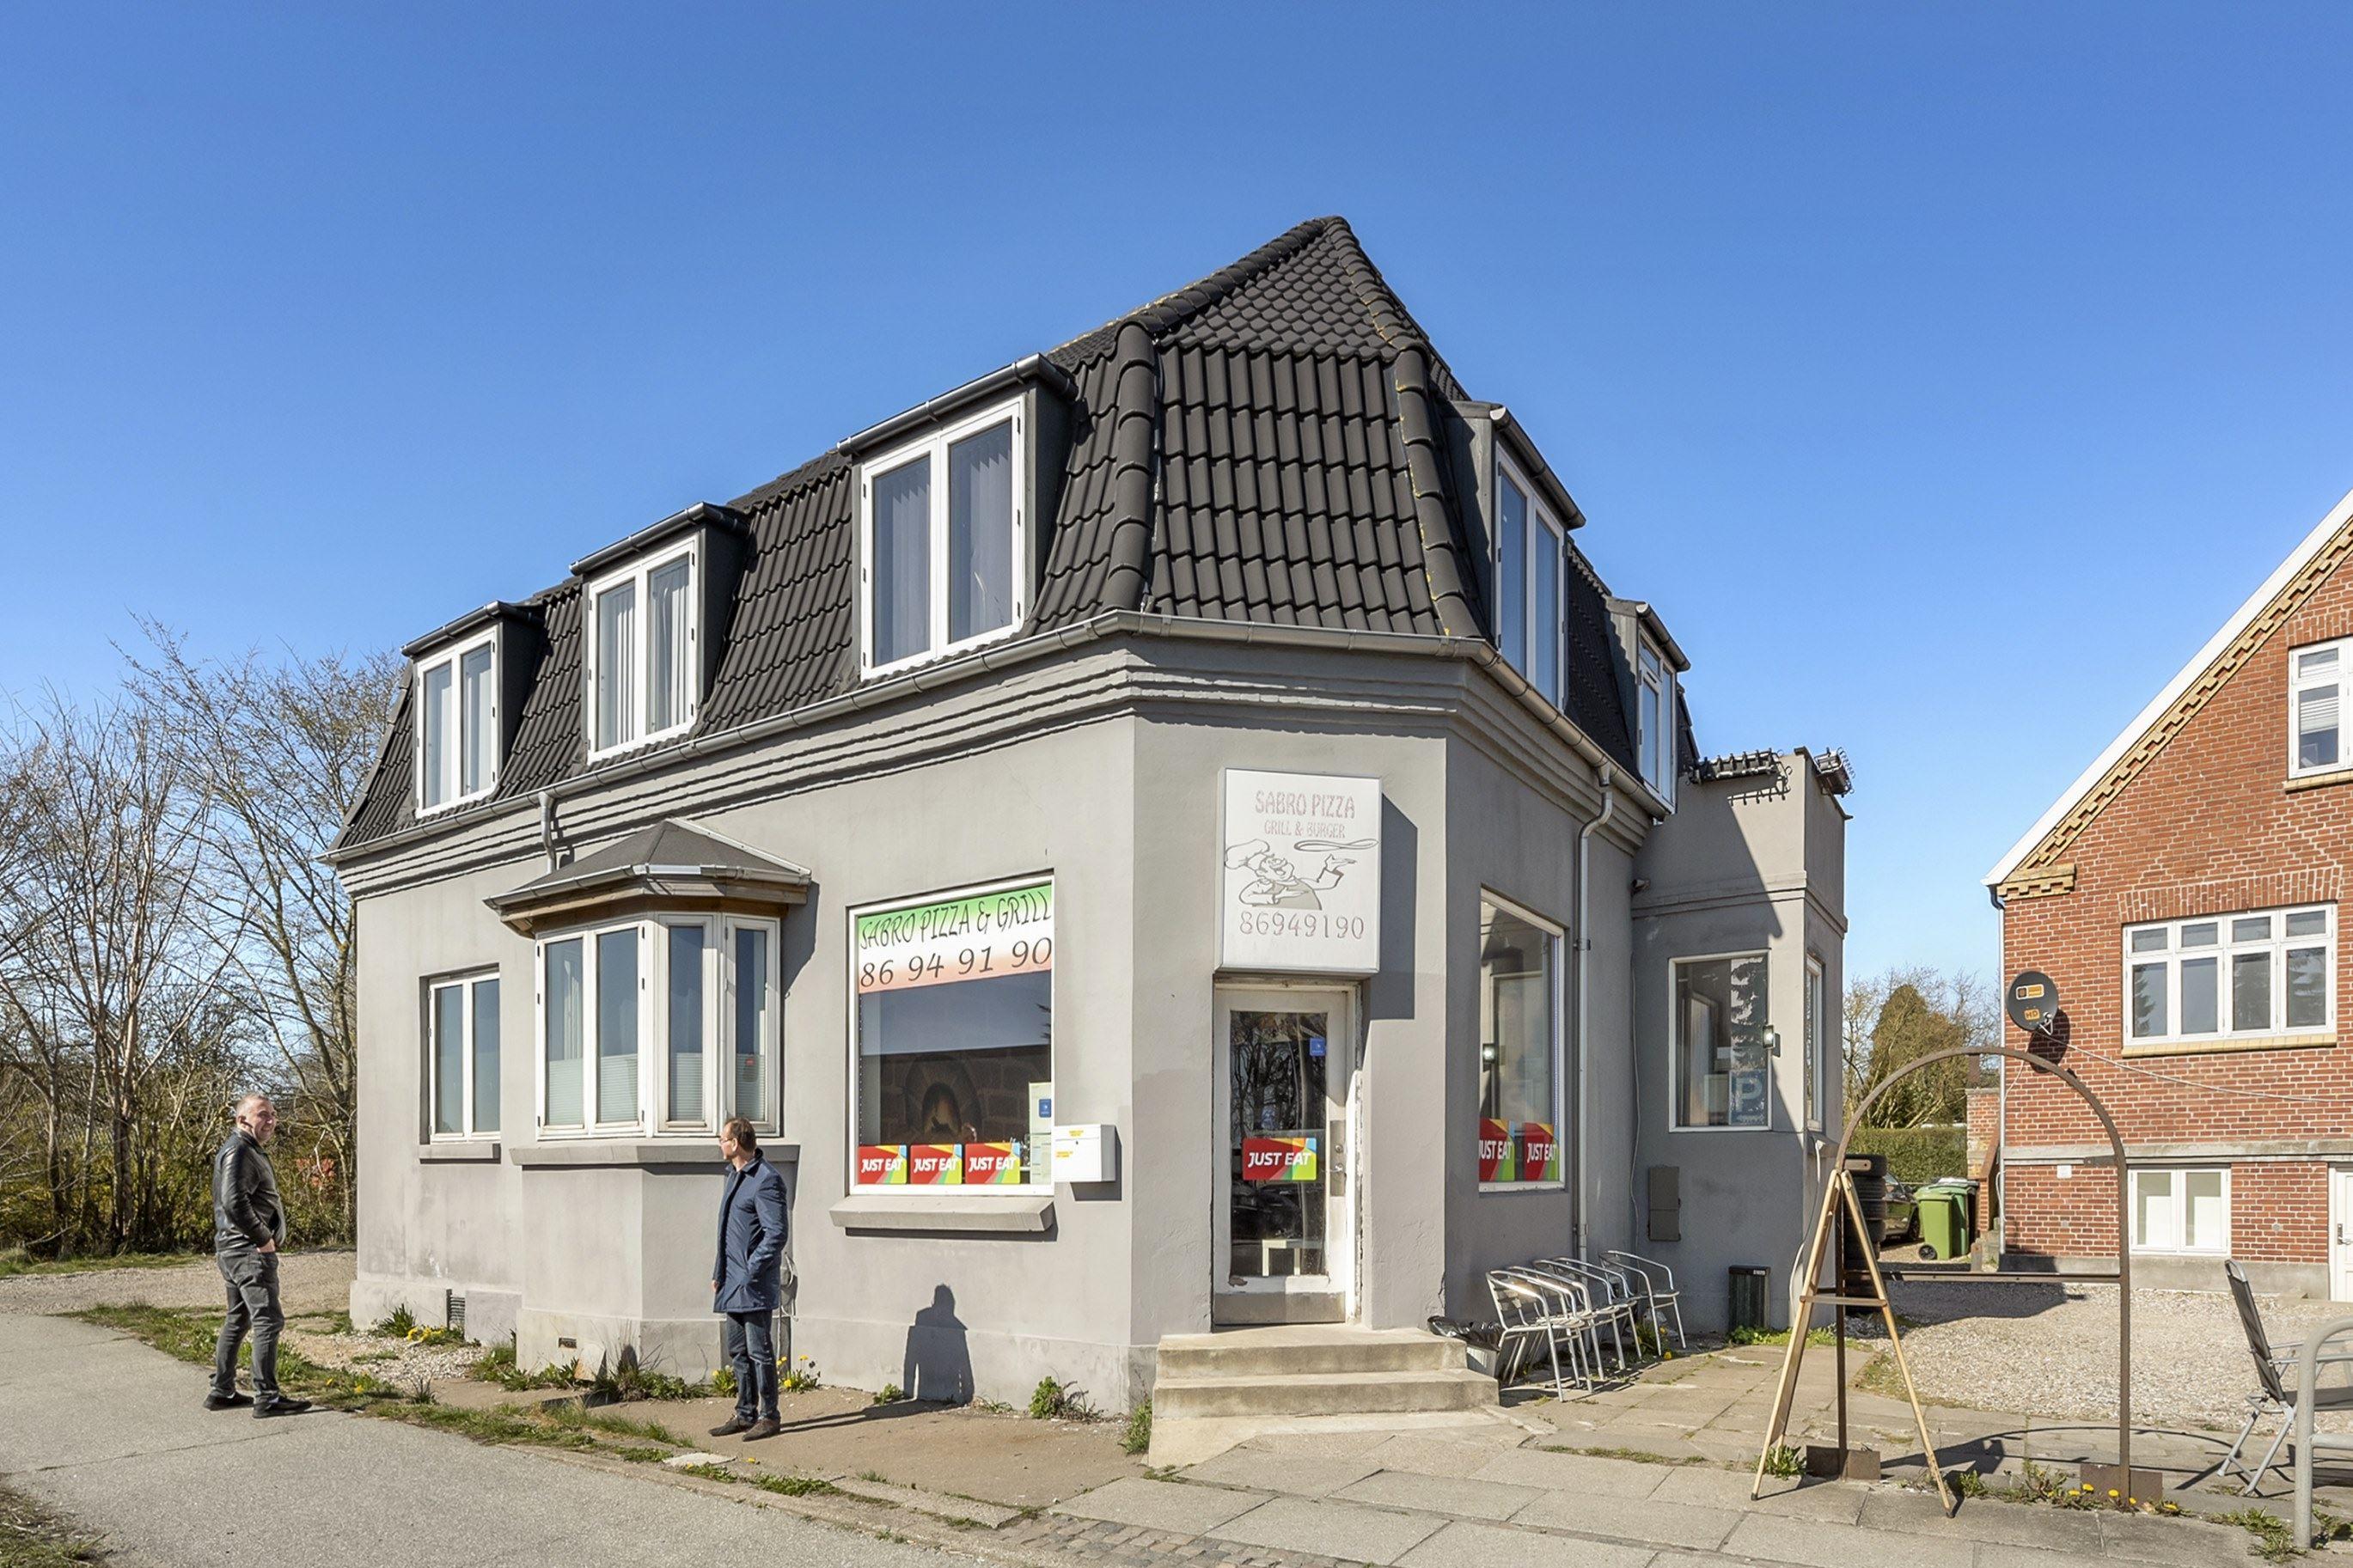 Viborgvej 750, 8471 Sabro